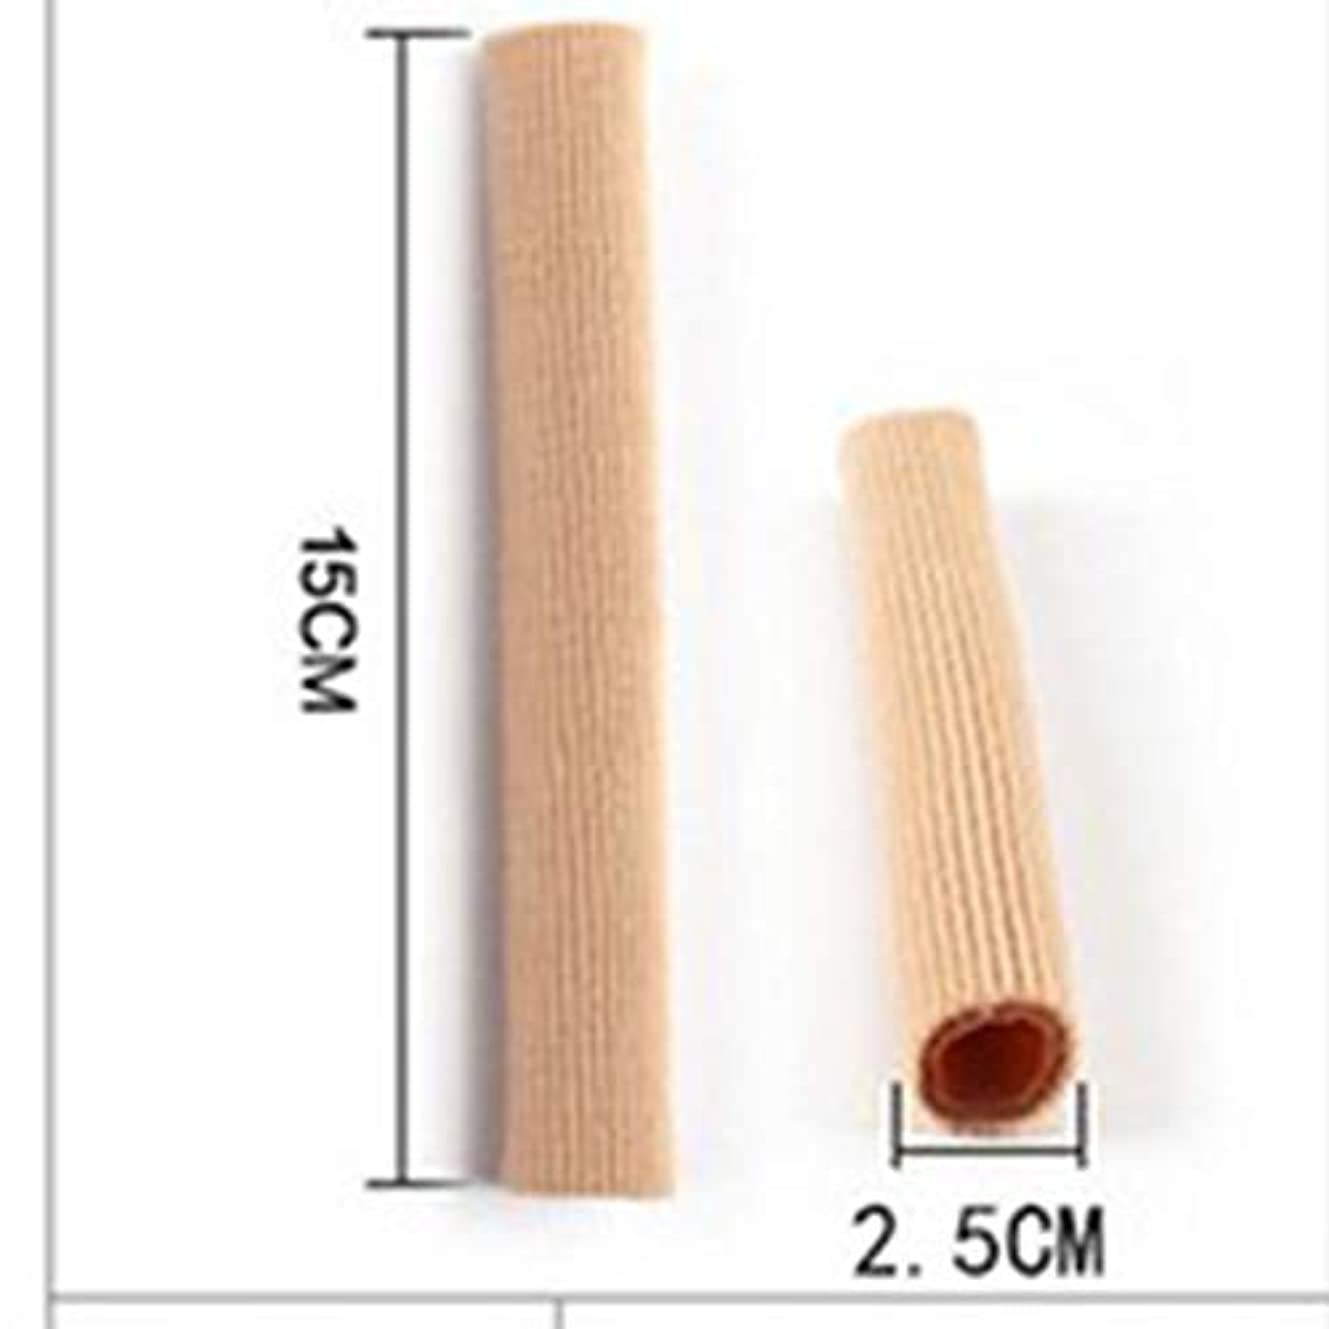 エーカーロイヤリティ復讐Open Toe Tubes Gel Lined Fabric Sleeve Protectors To Prevent Corns, Calluses And Blisters While Softening And...